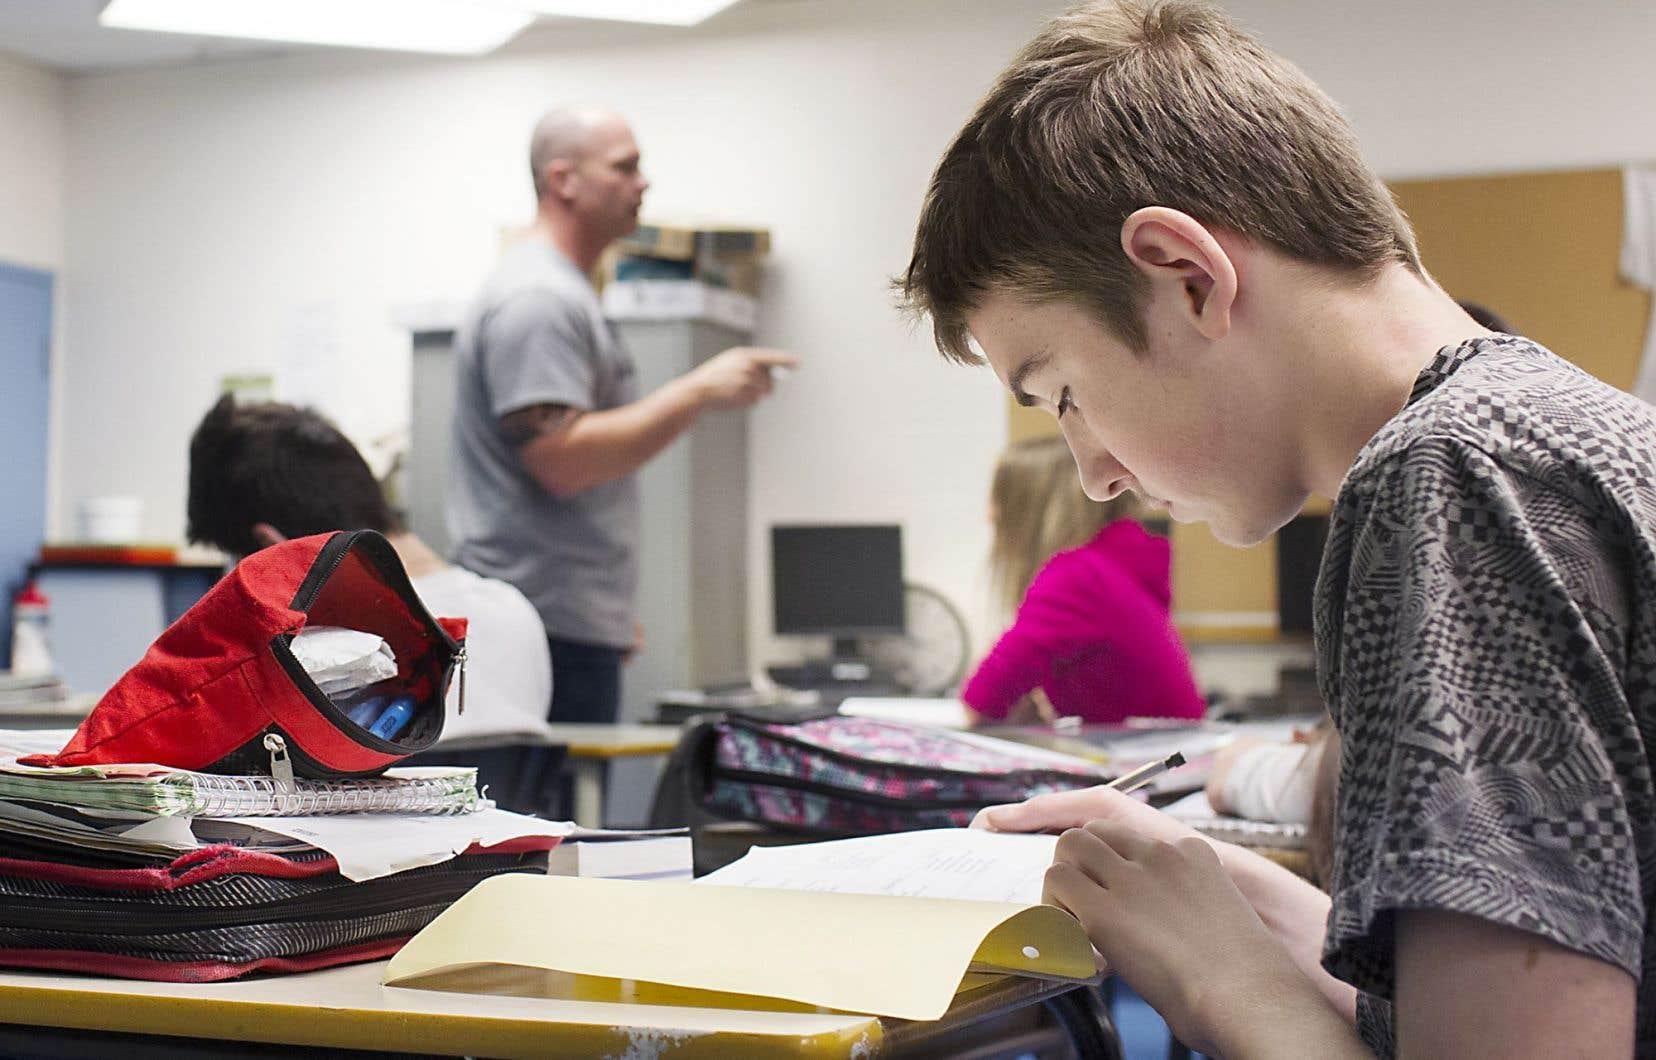 Le CSF s'inquiète de la persistance de certains biais sexistes chez les enseignants.